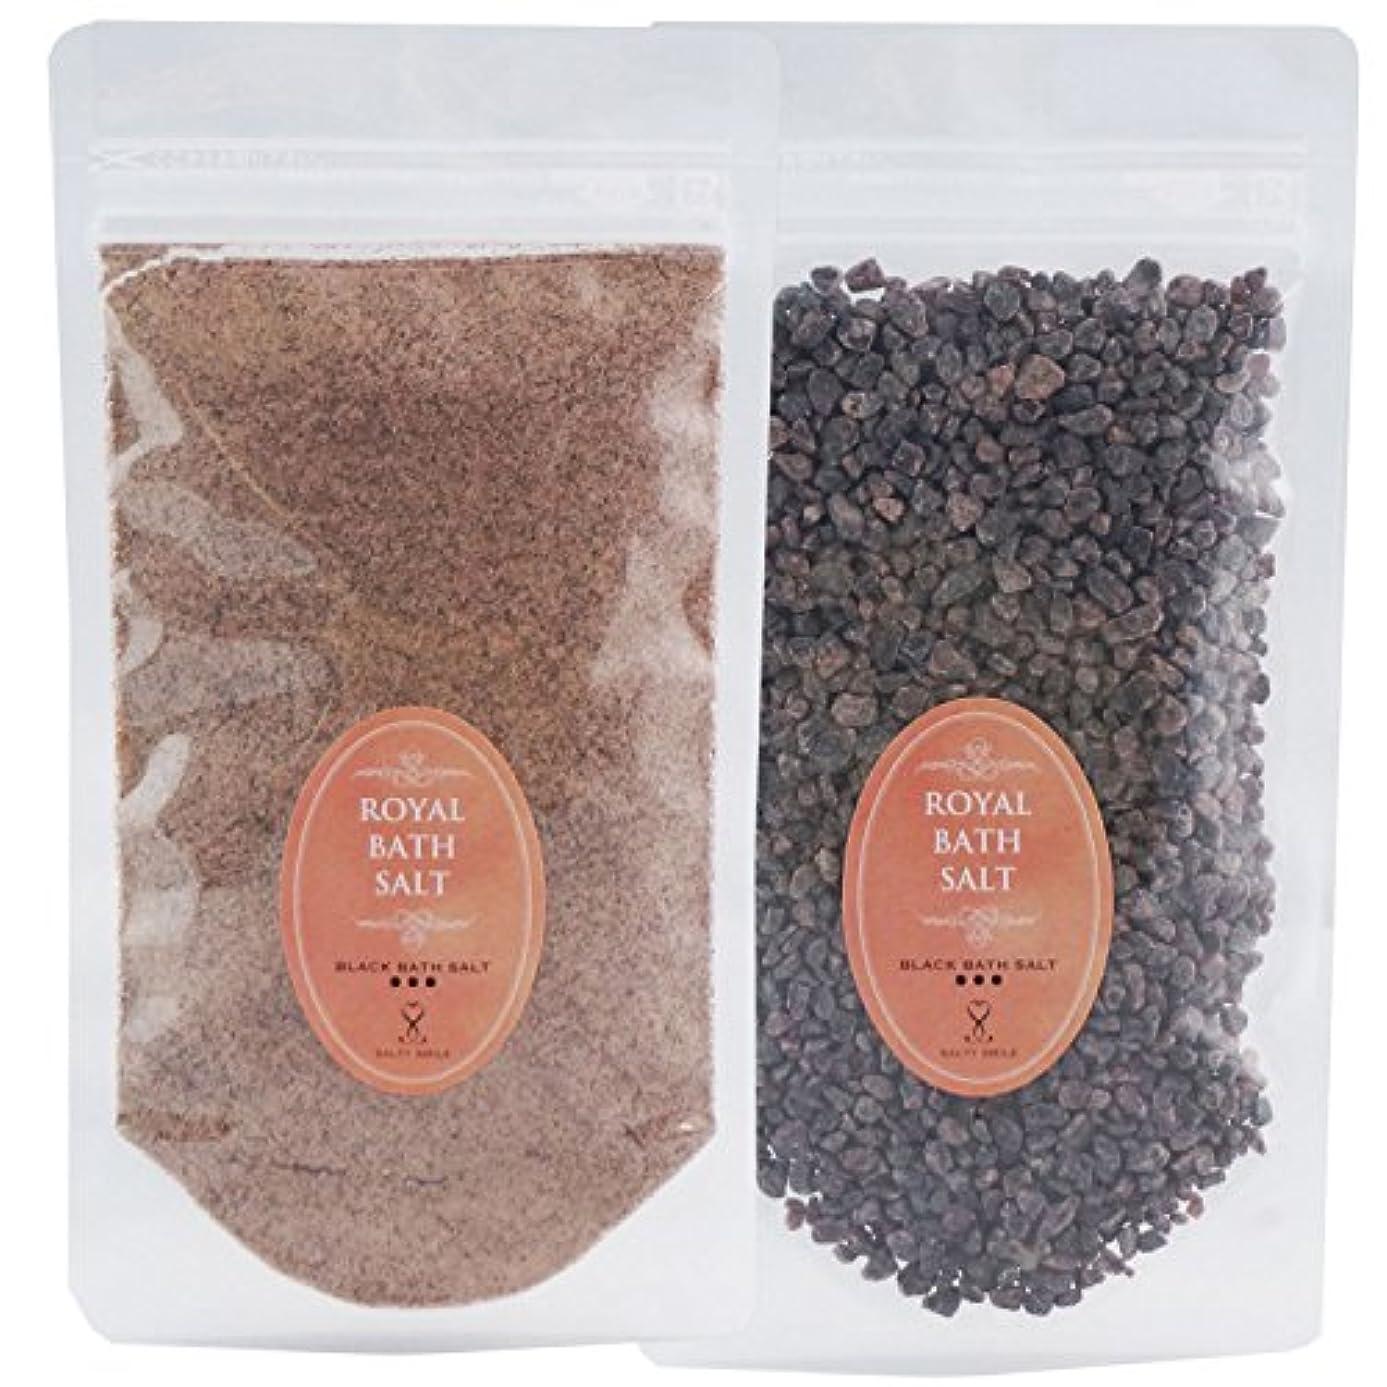 ハーブ海ロイヤル バスソルト ヒマラヤ岩塩 ブラック パウダー グレイン 各200g 粗粒 粉 ROYAL BATH SALT